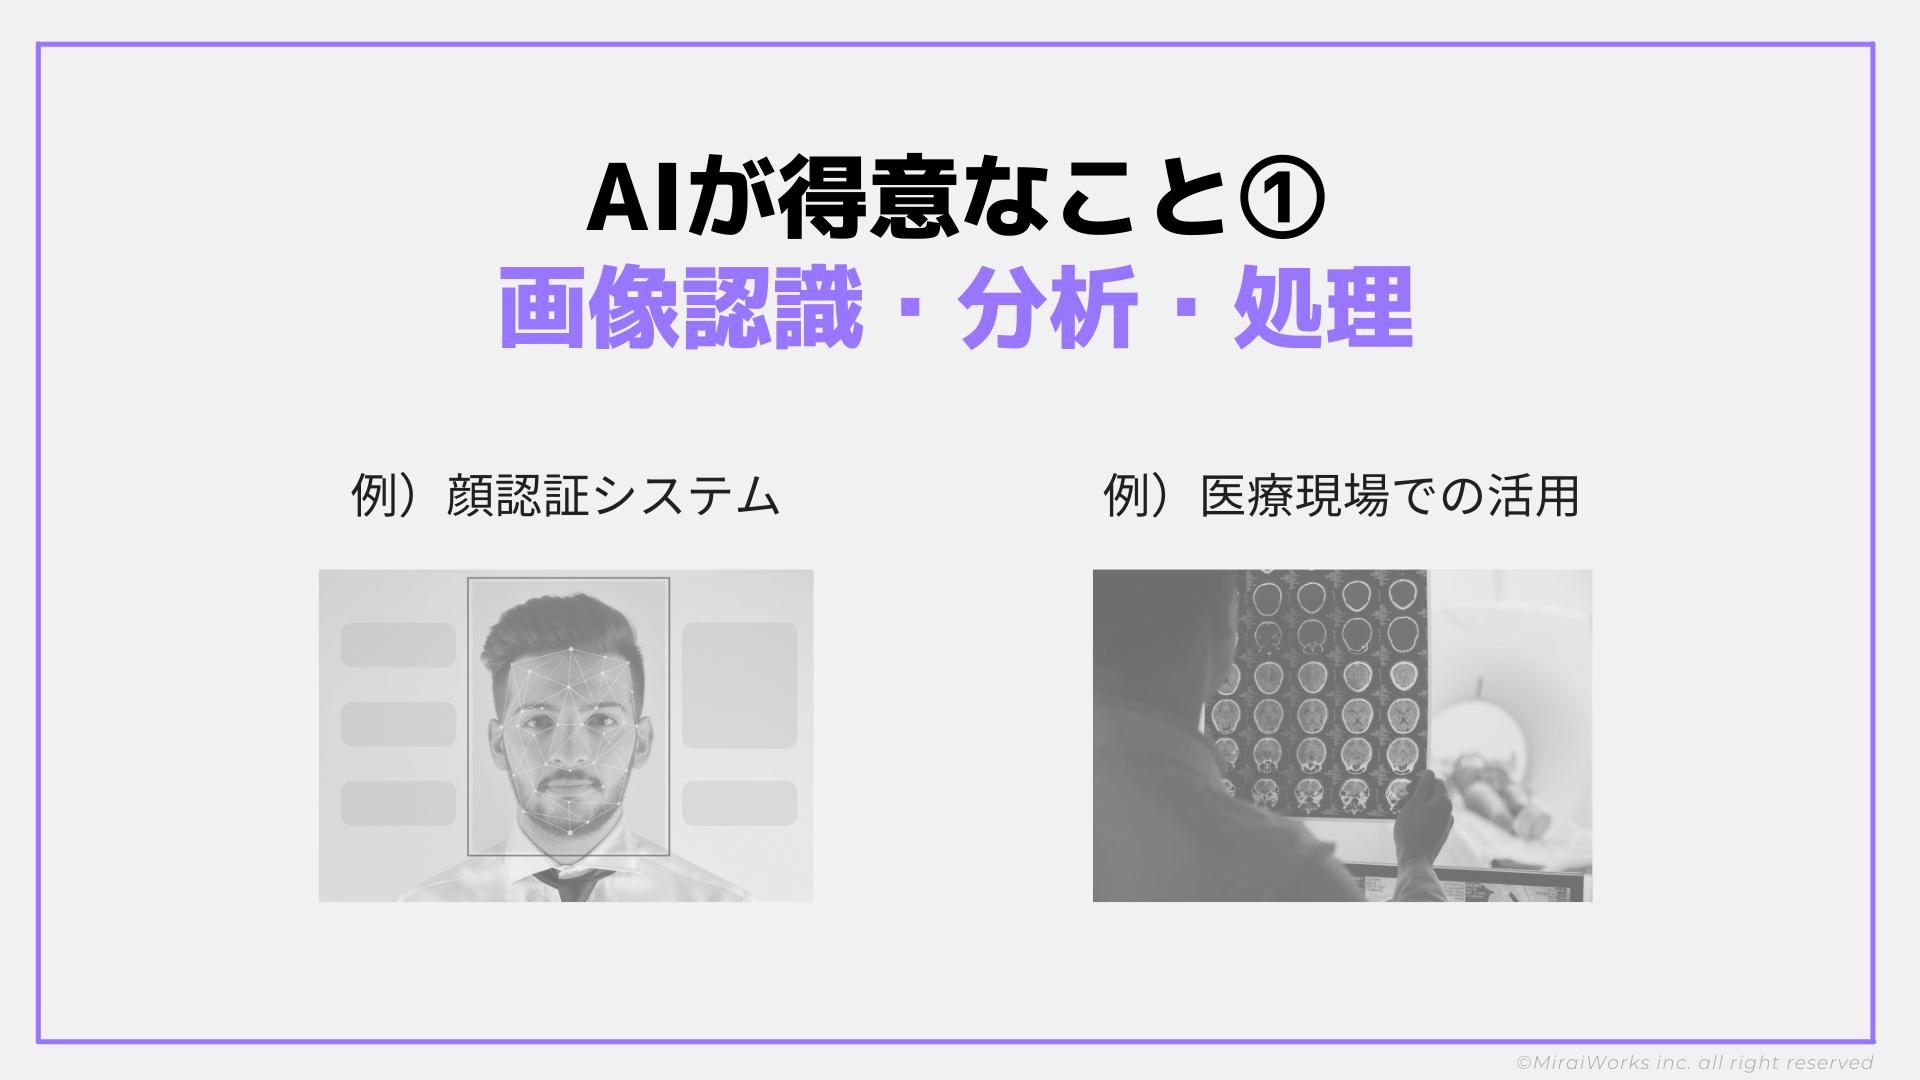 AIが得意なこと1_画像認識_分析_処理